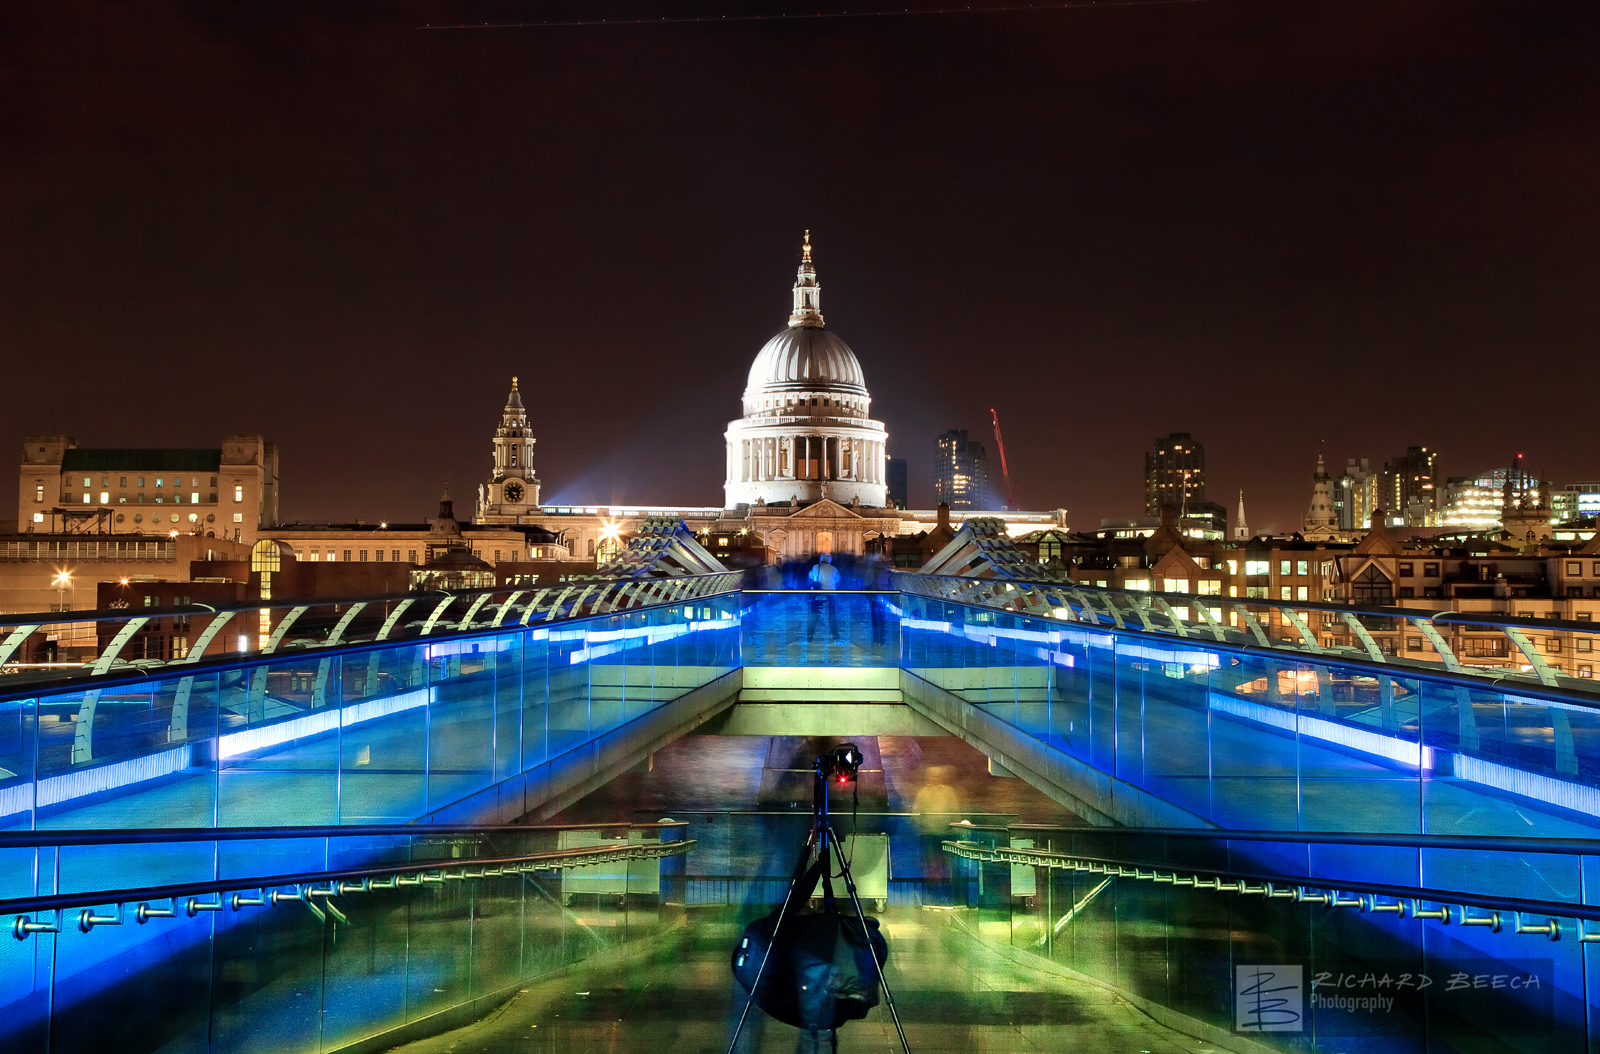 Bridge to St Paul's (Night)